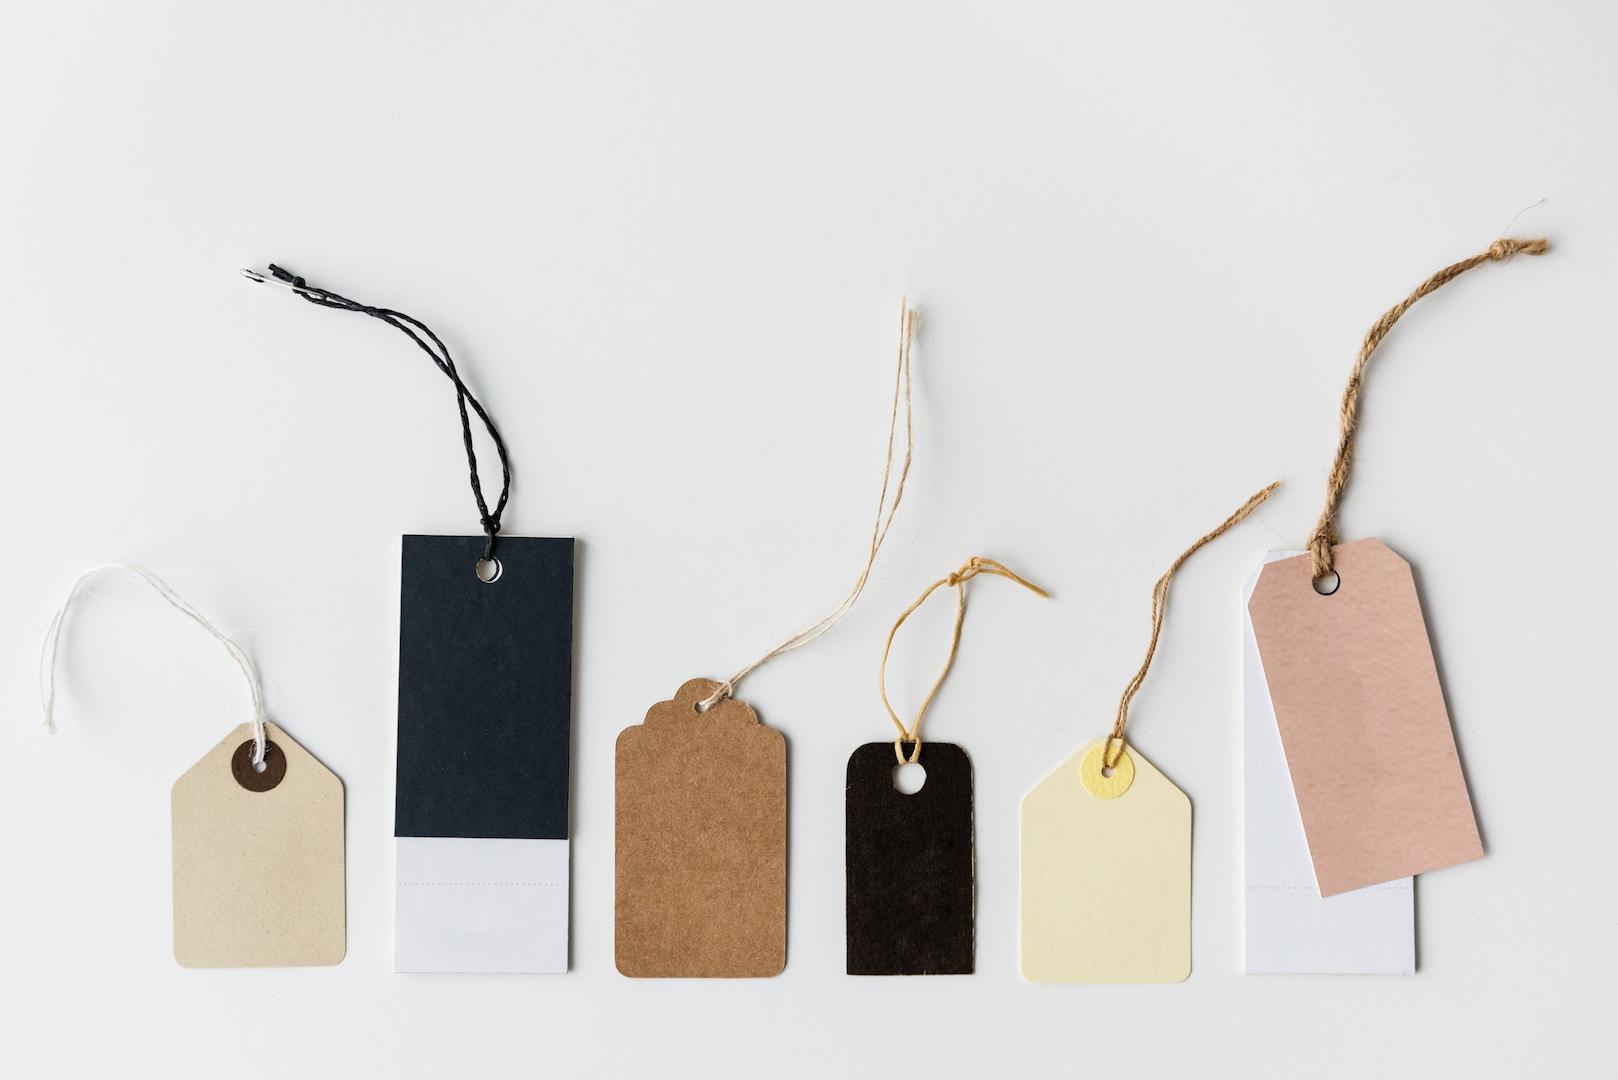 產品及包裝設計